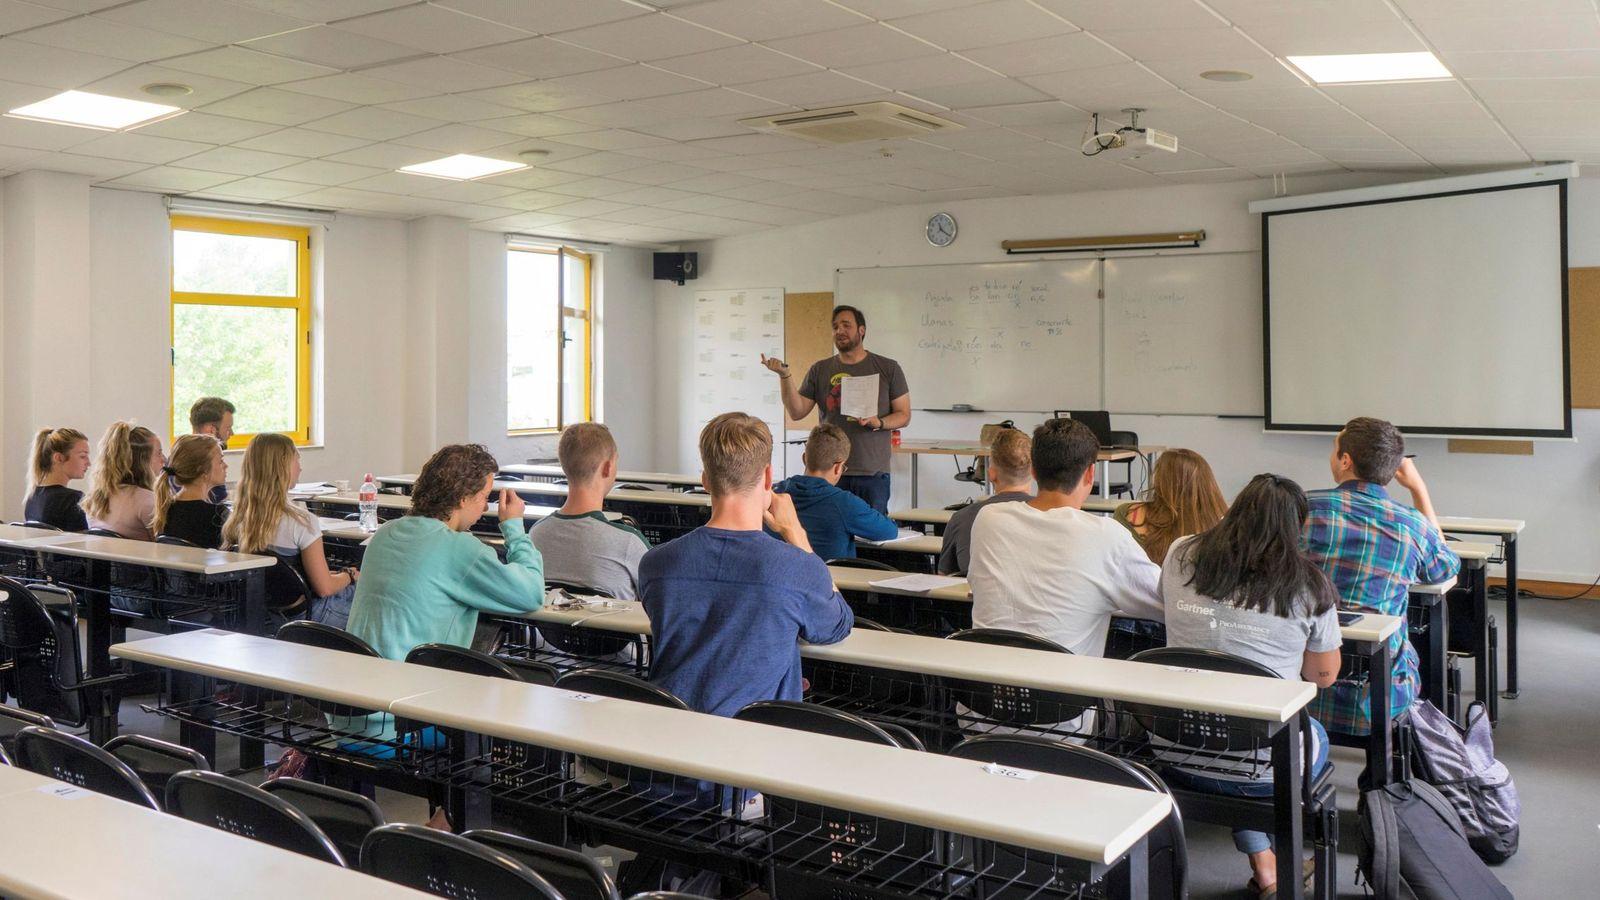 Foto: Un aula de la Universidad Internacional Menéndez Pelayo. (EFE)